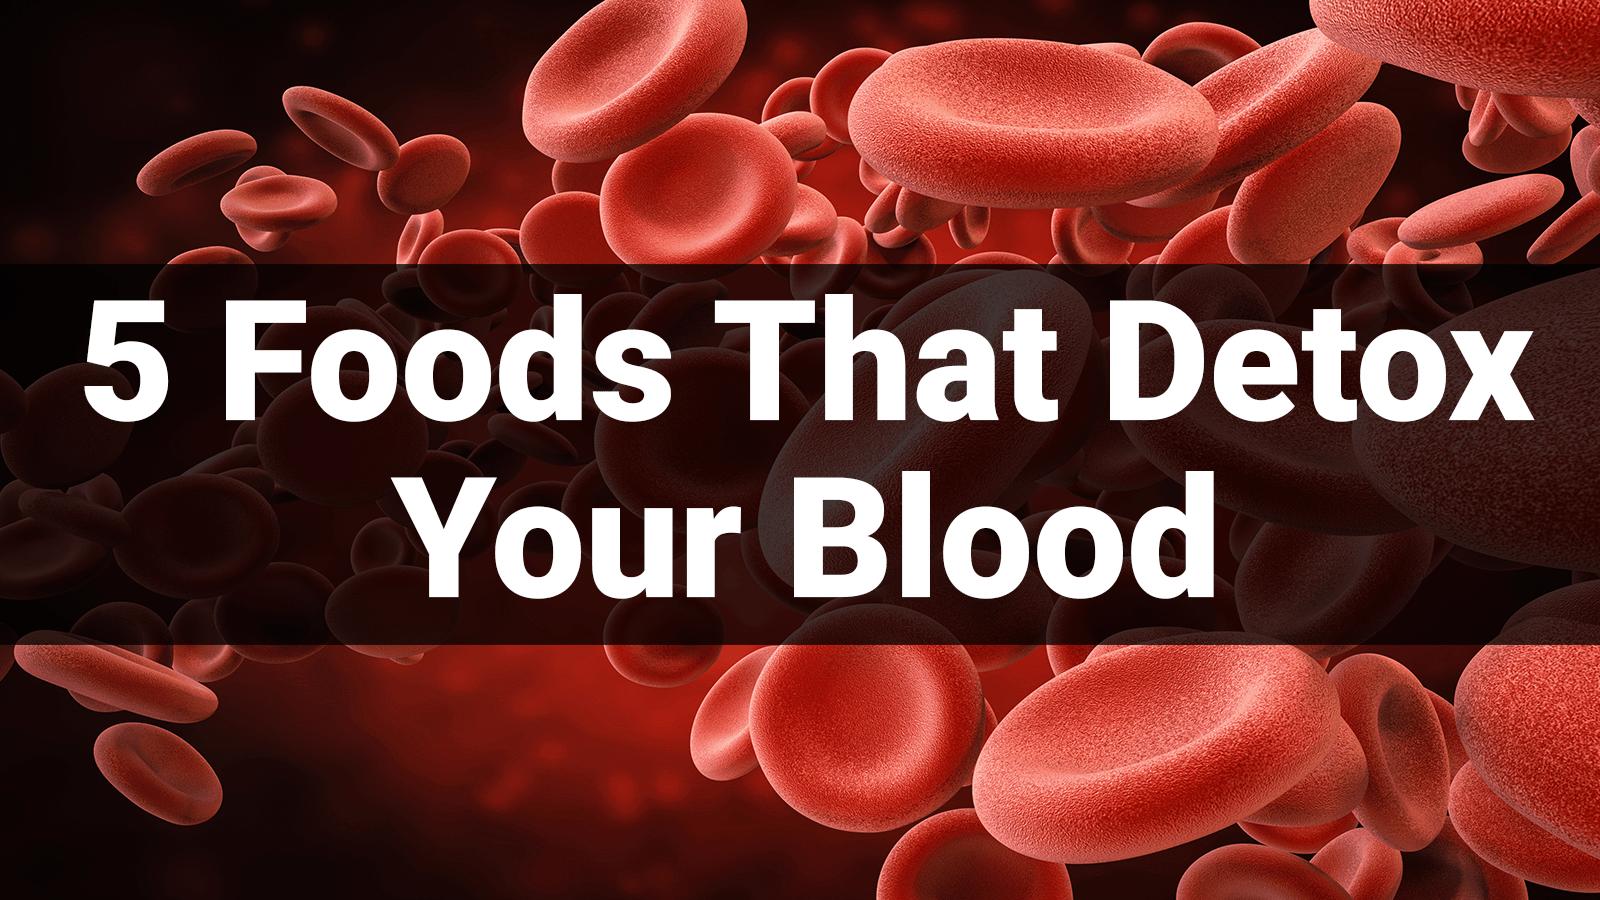 detox blood